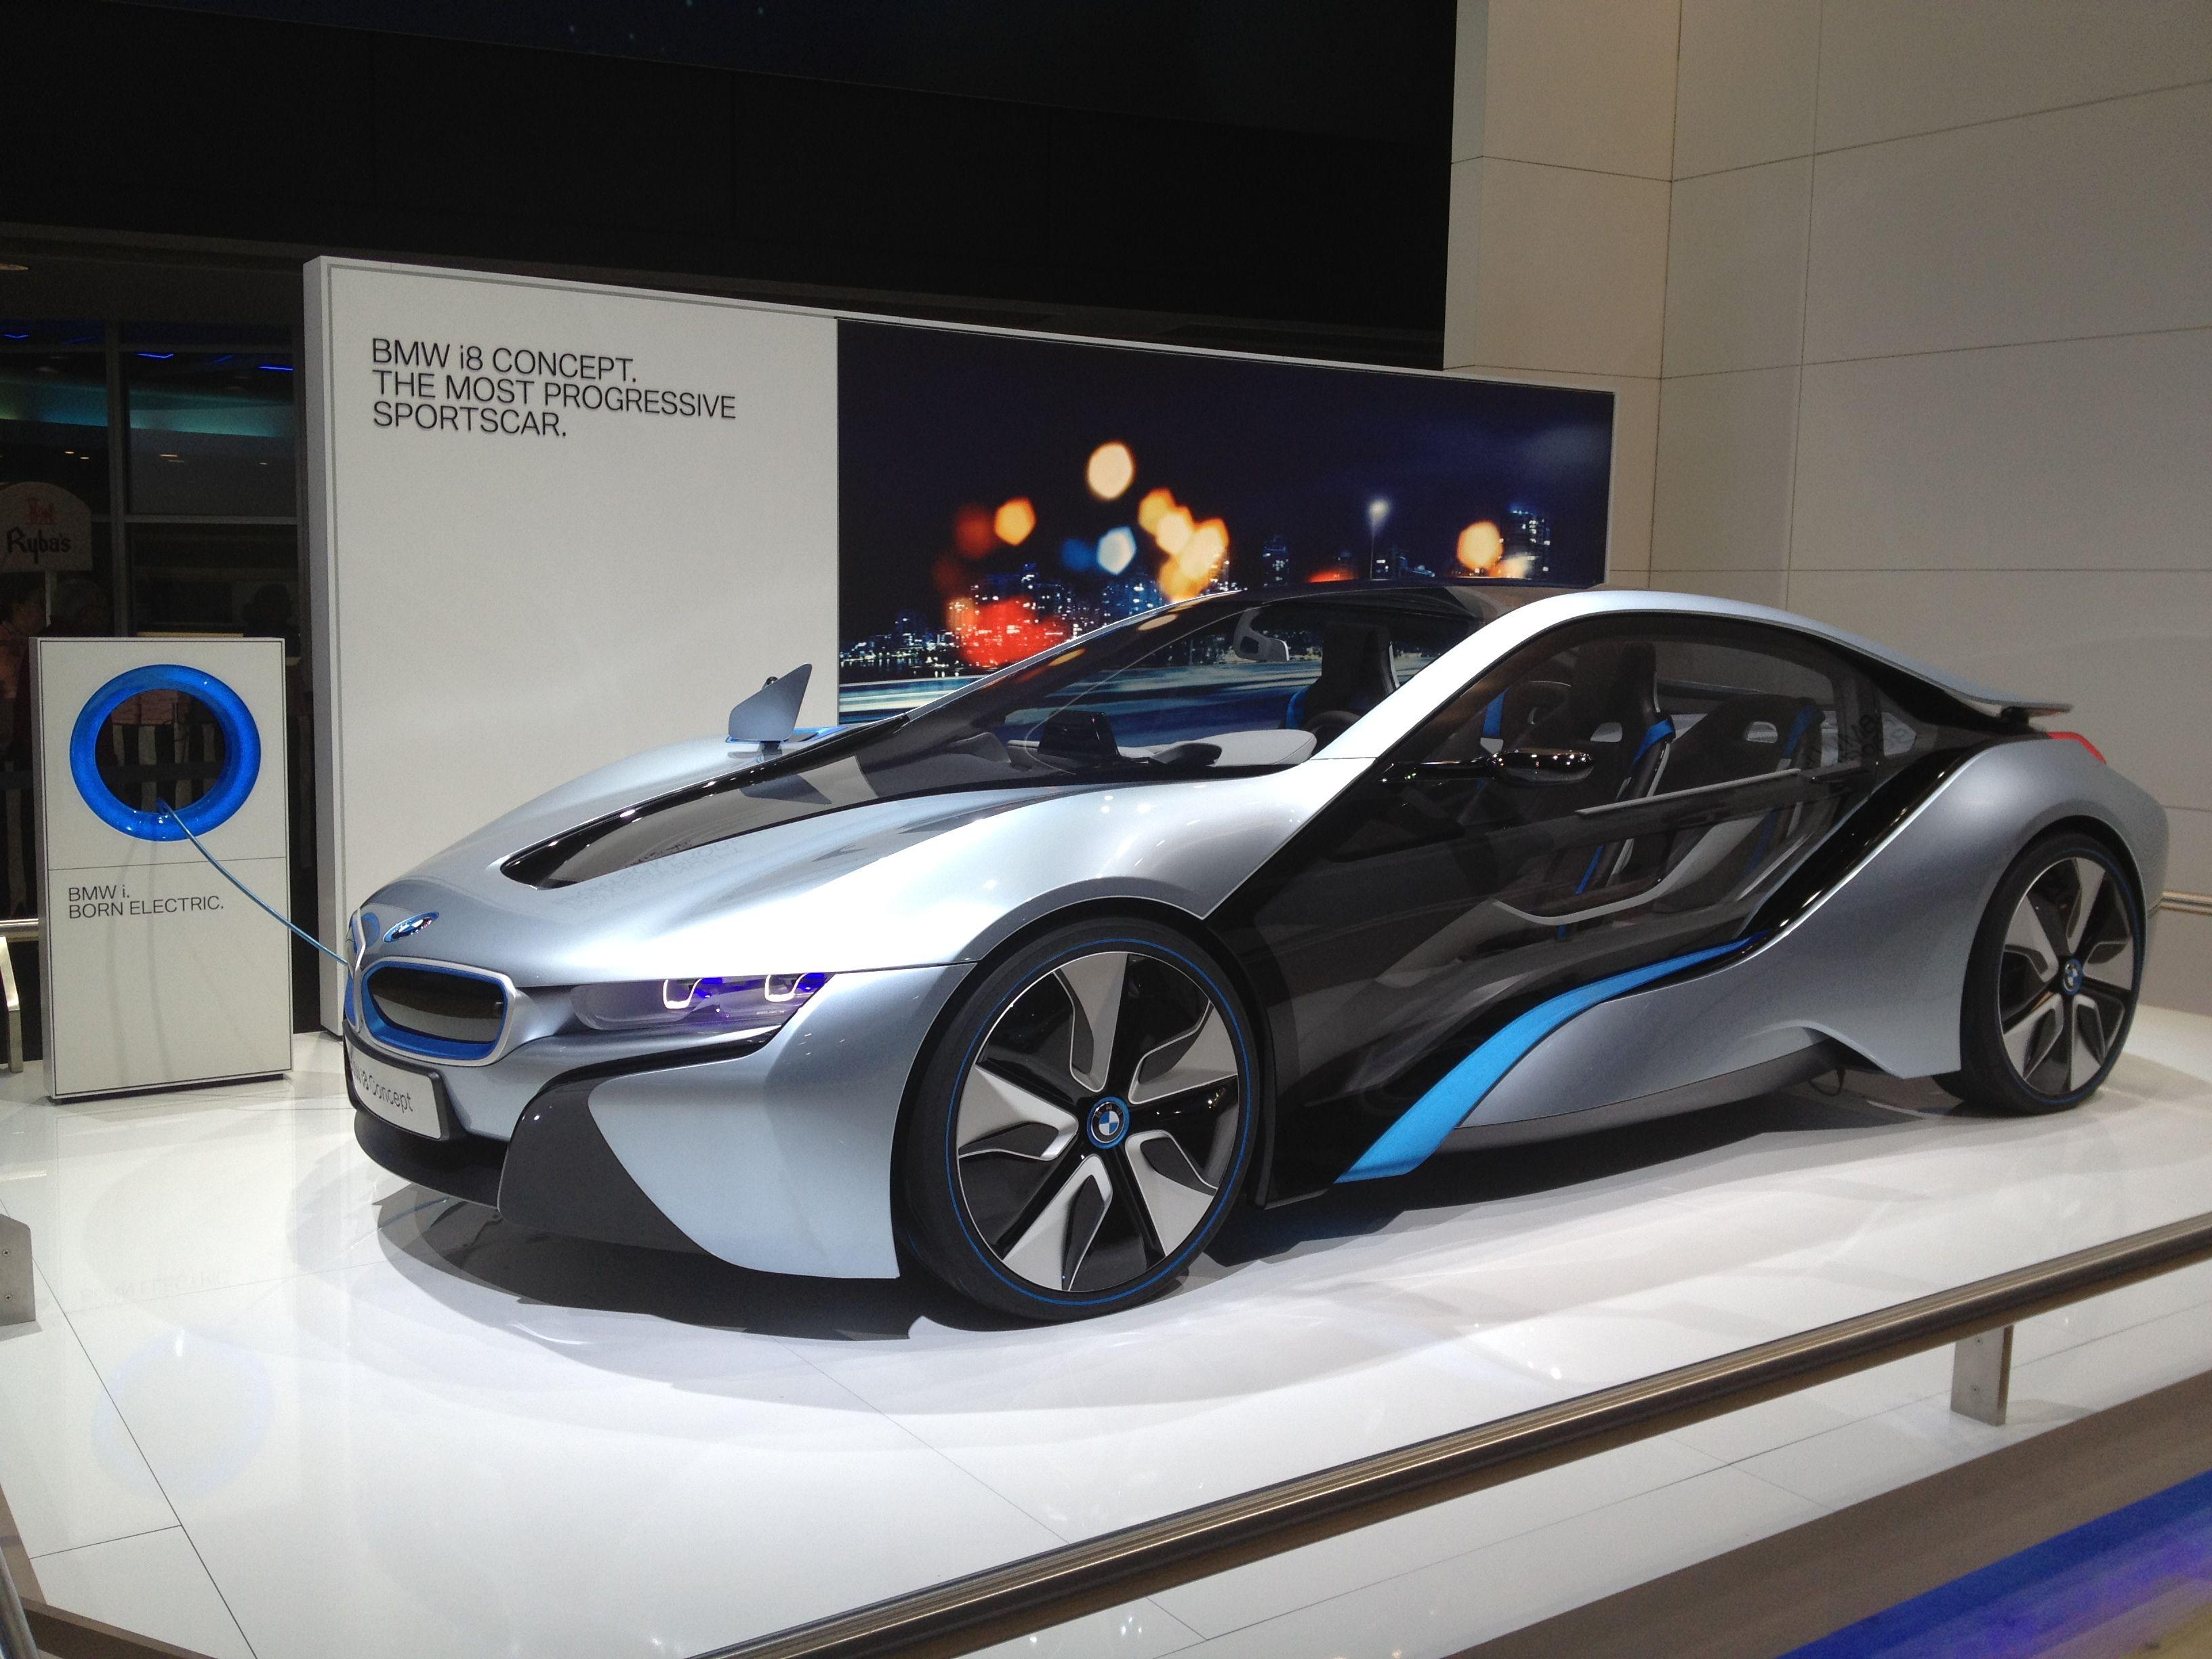 BMW's concept car, electric sports car. Eng.07.Harmonía